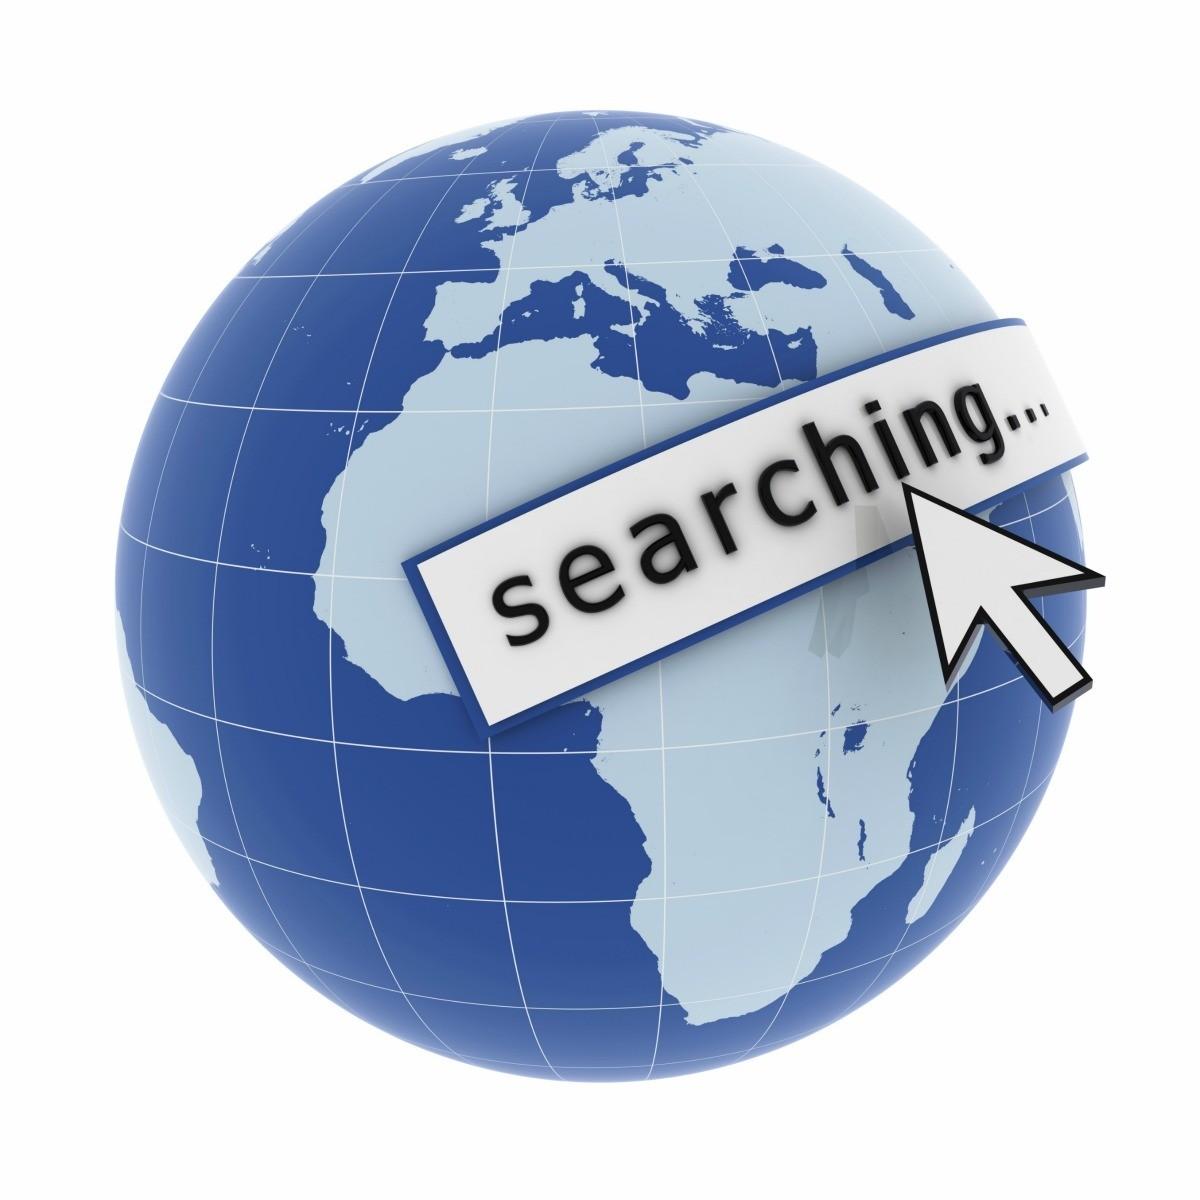 """Résultat de recherche d'images pour """"internet, search engine"""""""